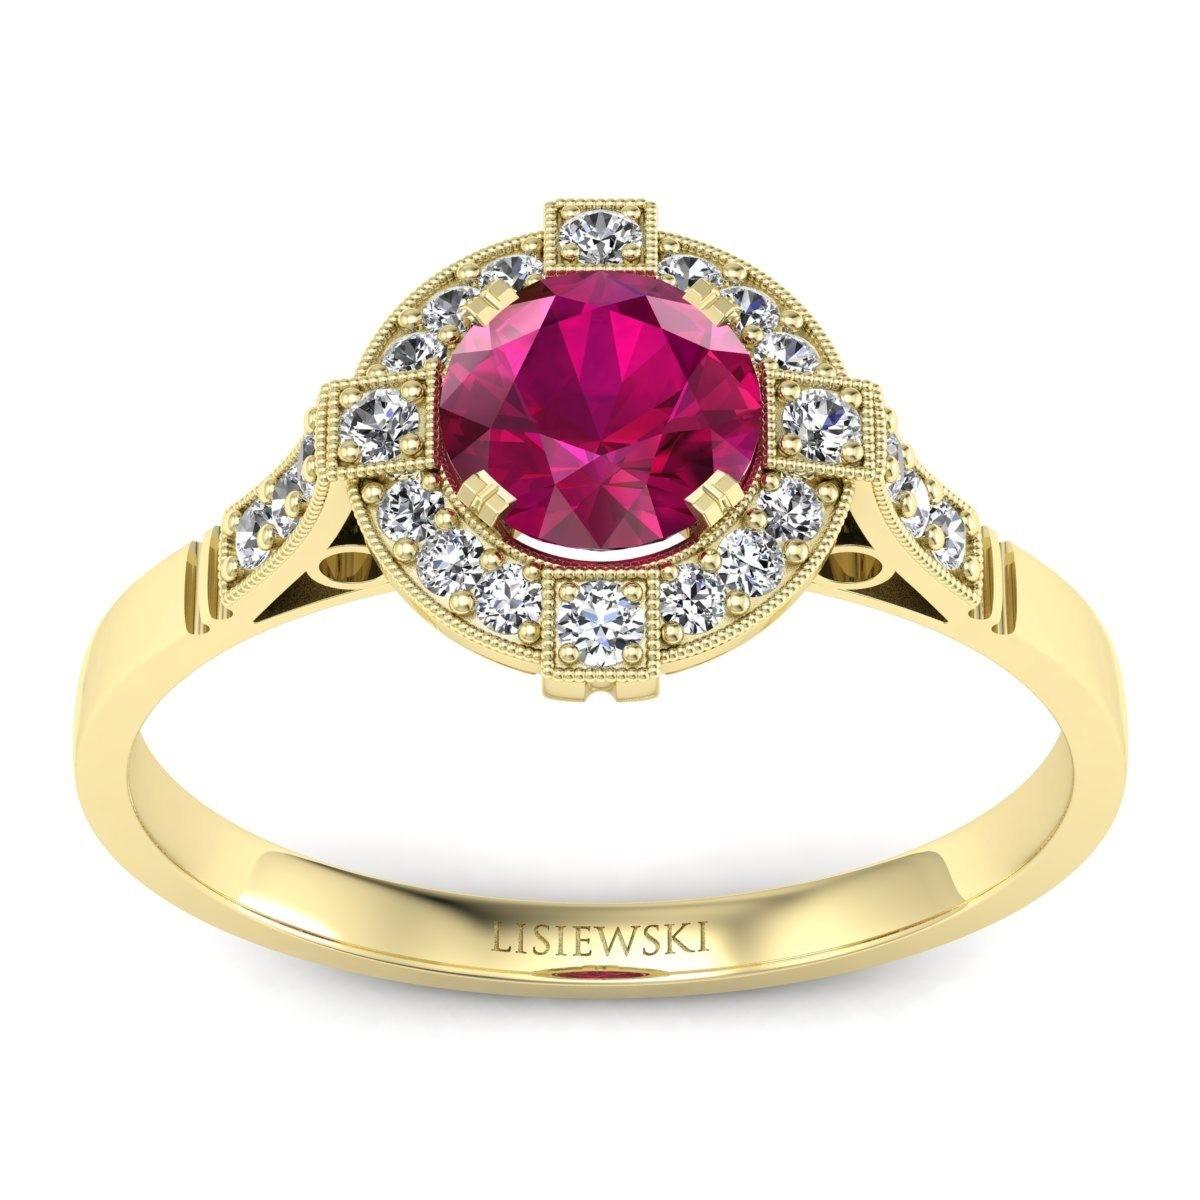 Audrey - Złoty pierścionek z rubinem i diamentami